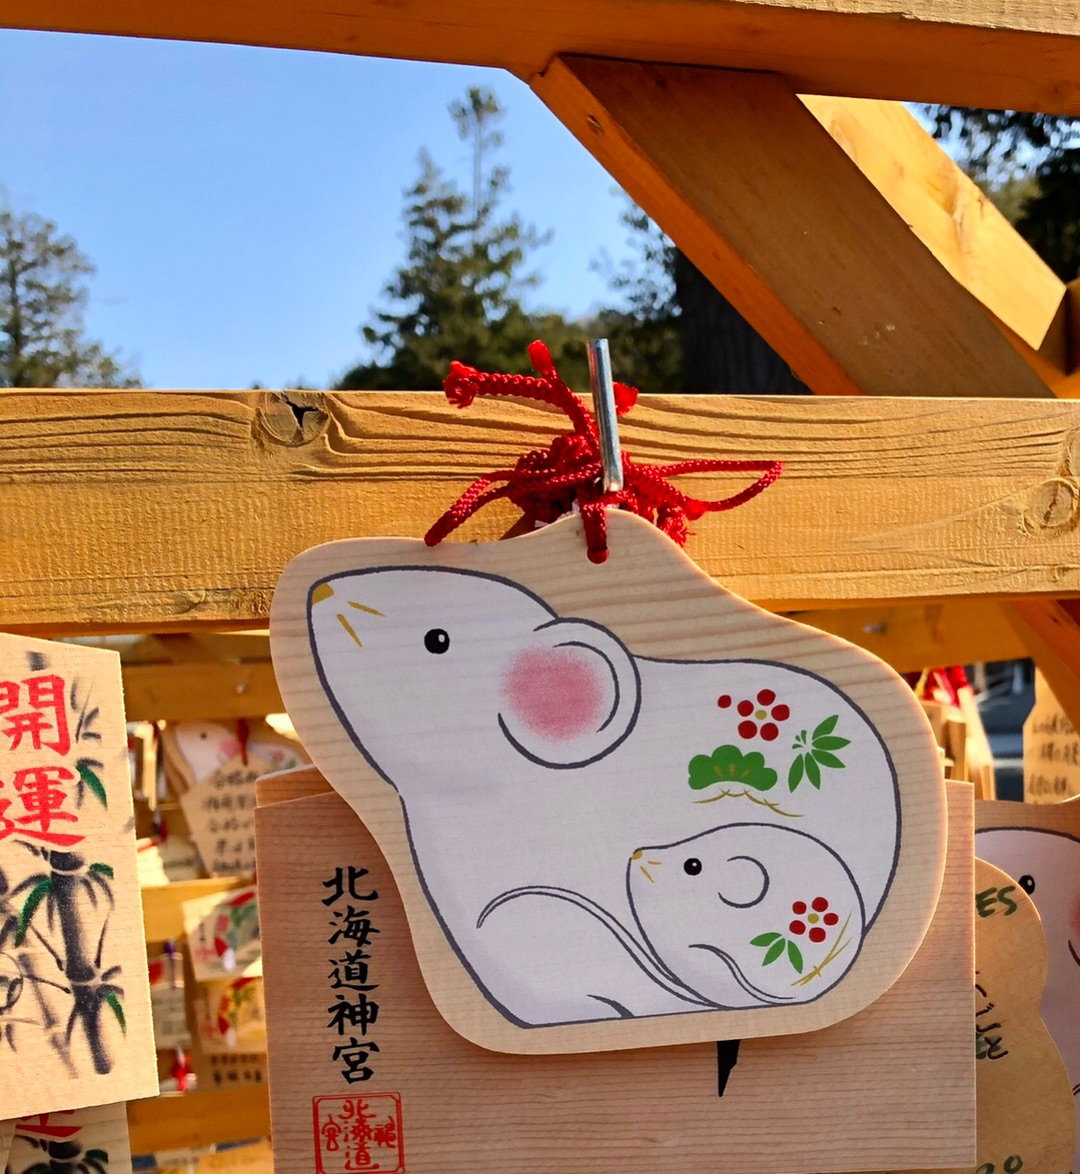 大吉方位旅行・北海道神宮 広大な境内【六花亭茶屋】で名物の焼き餅を